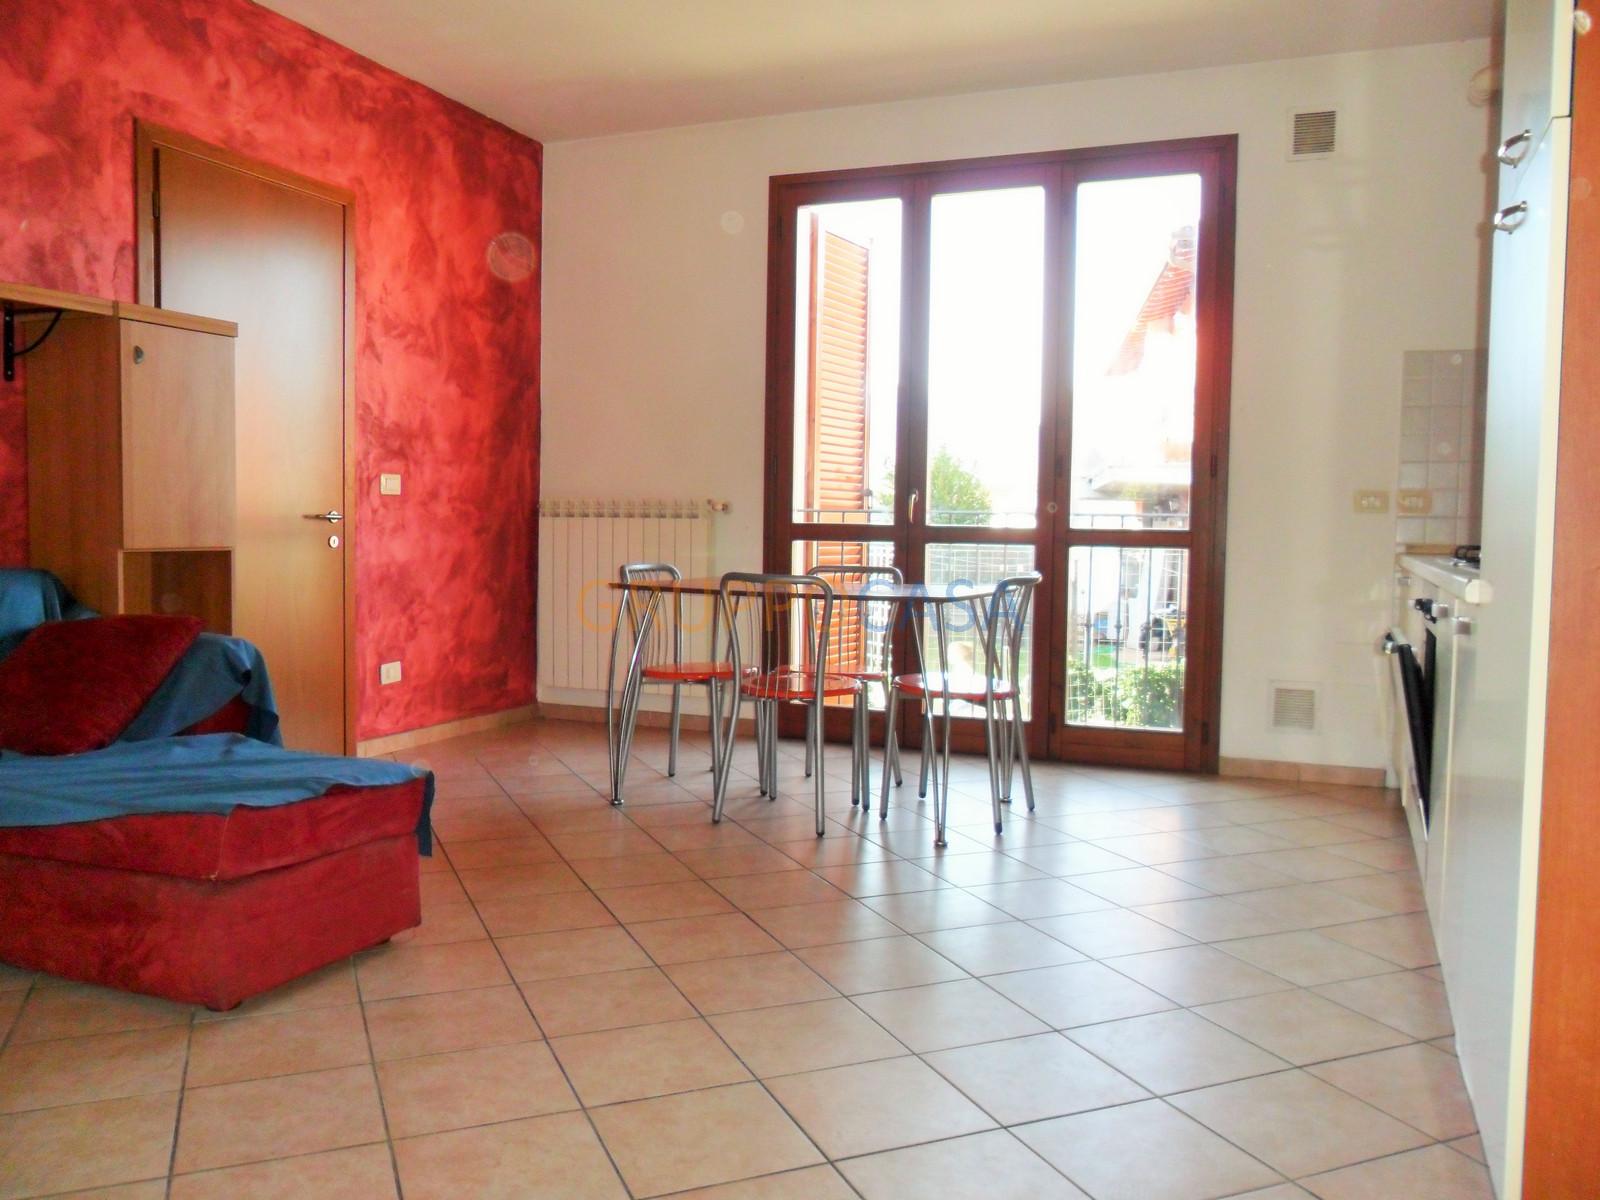 Appartamento in affitto a Pescia, 4 locali, zona Zona: Alberghi, prezzo € 530 | Cambio Casa.it